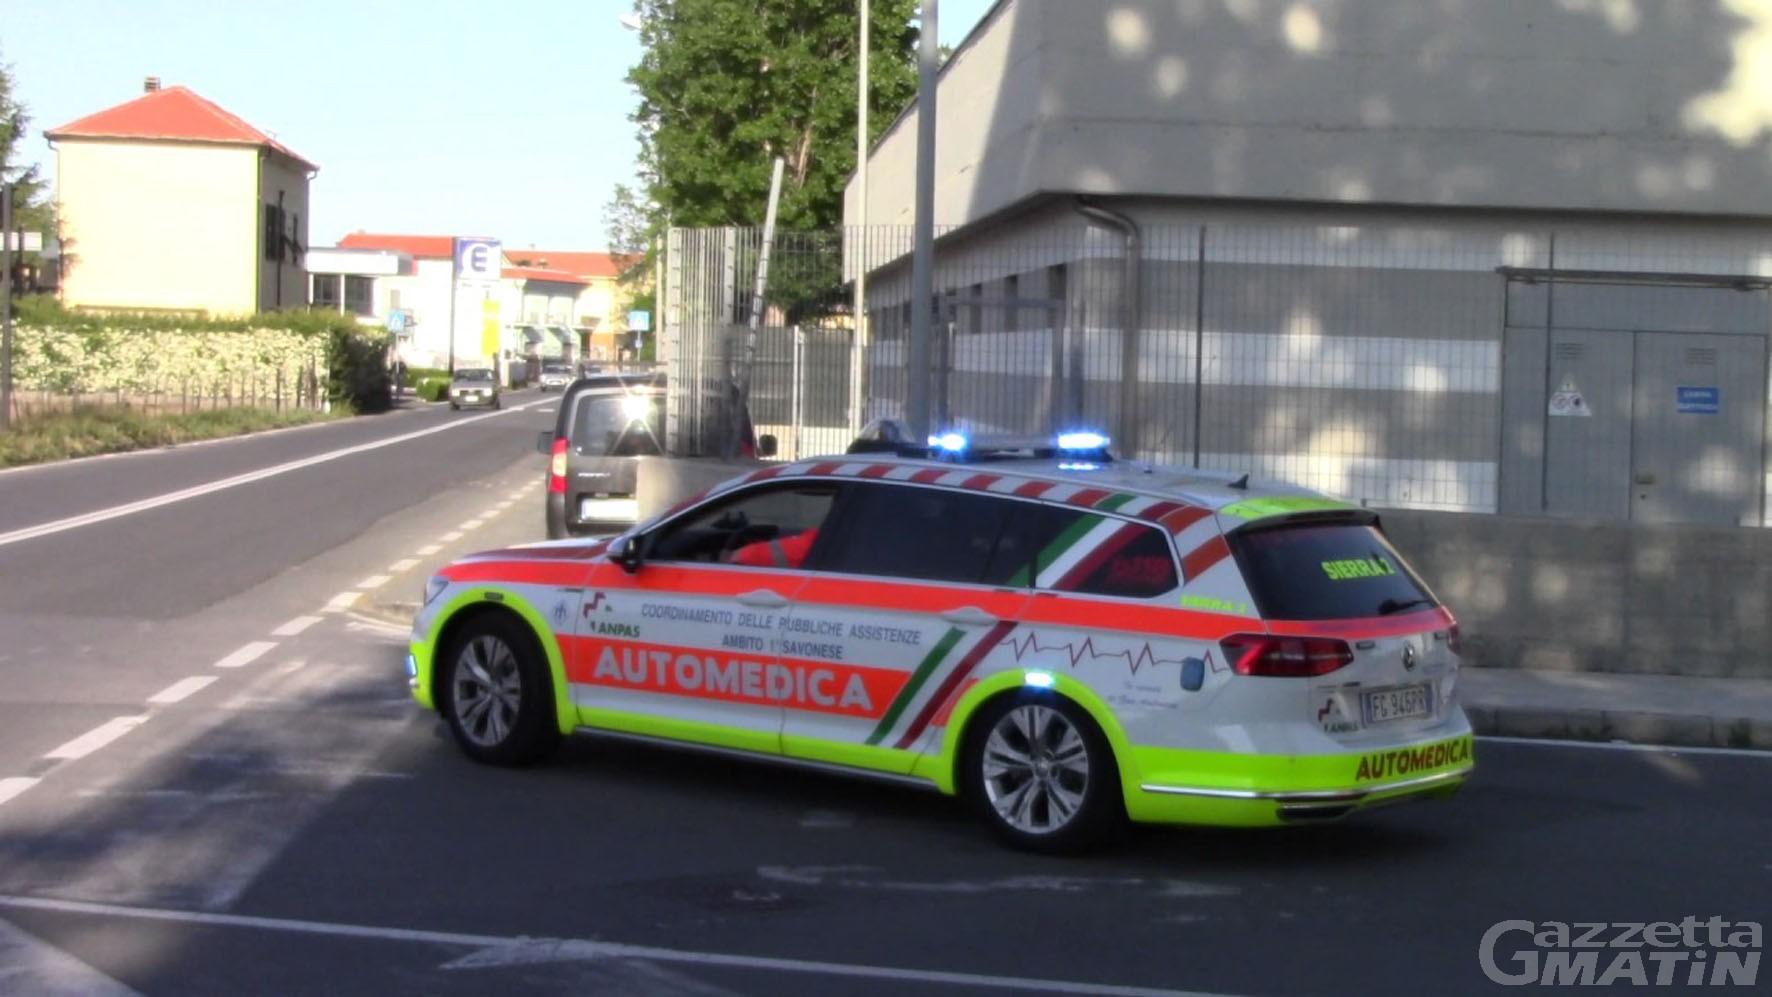 Incidenti stradali: bici contro auto, nel savonese muore un 75enne di Aosta